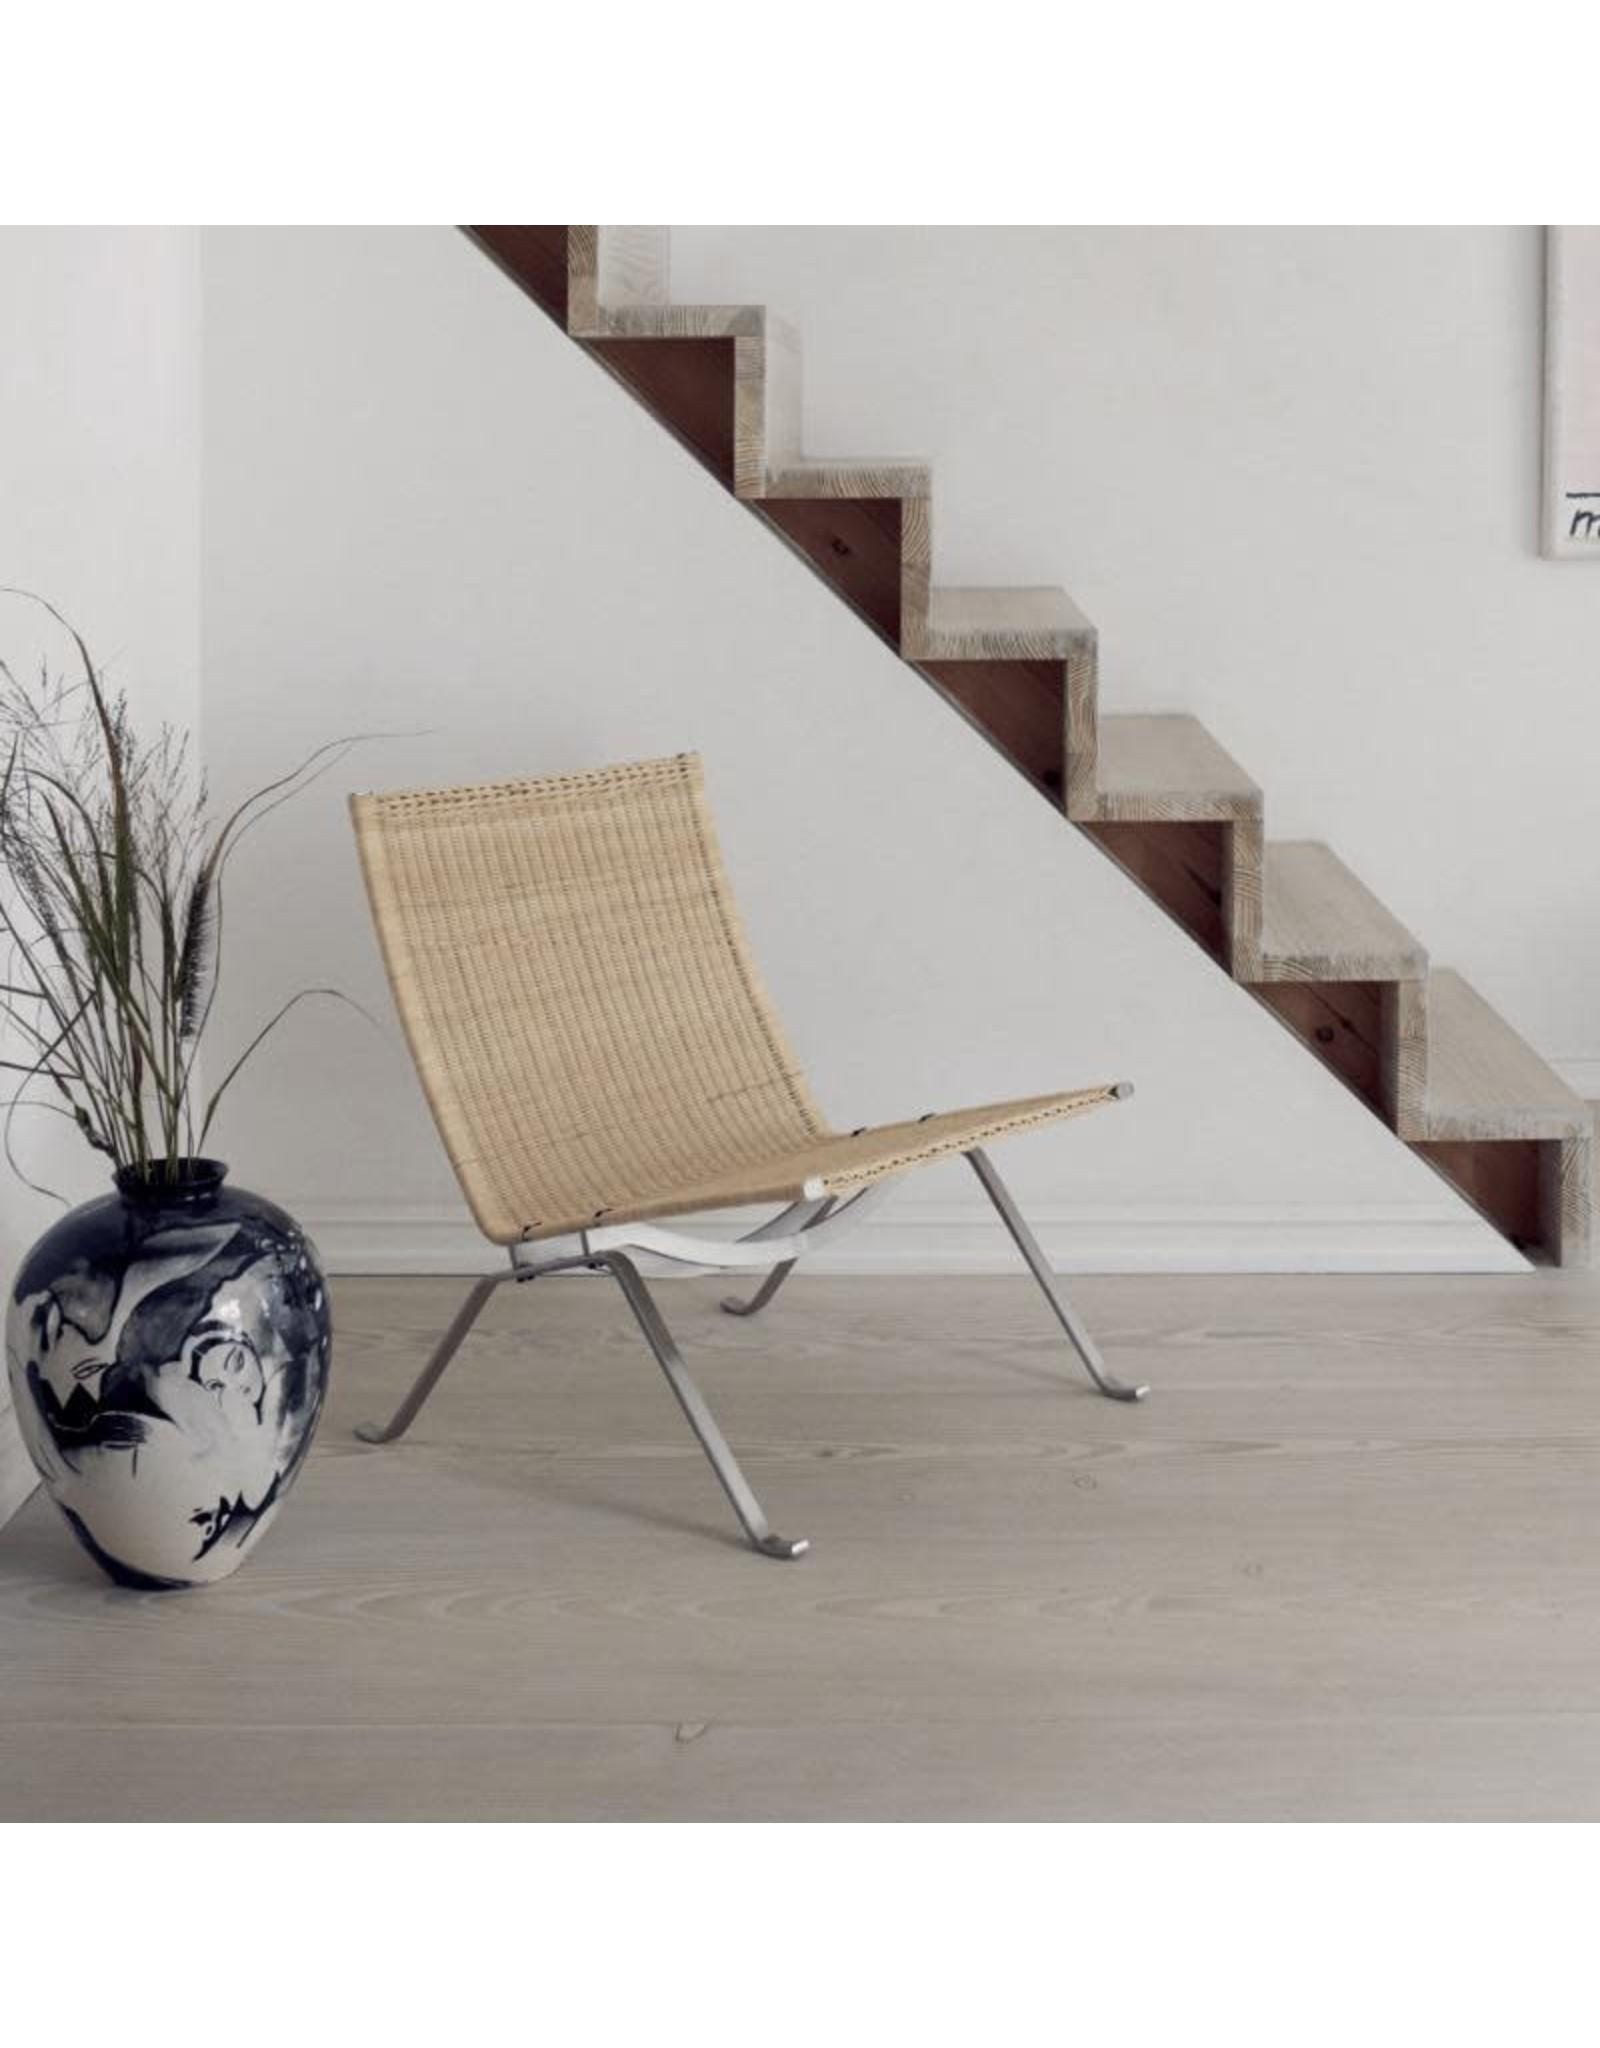 PK22 柳條休閒椅